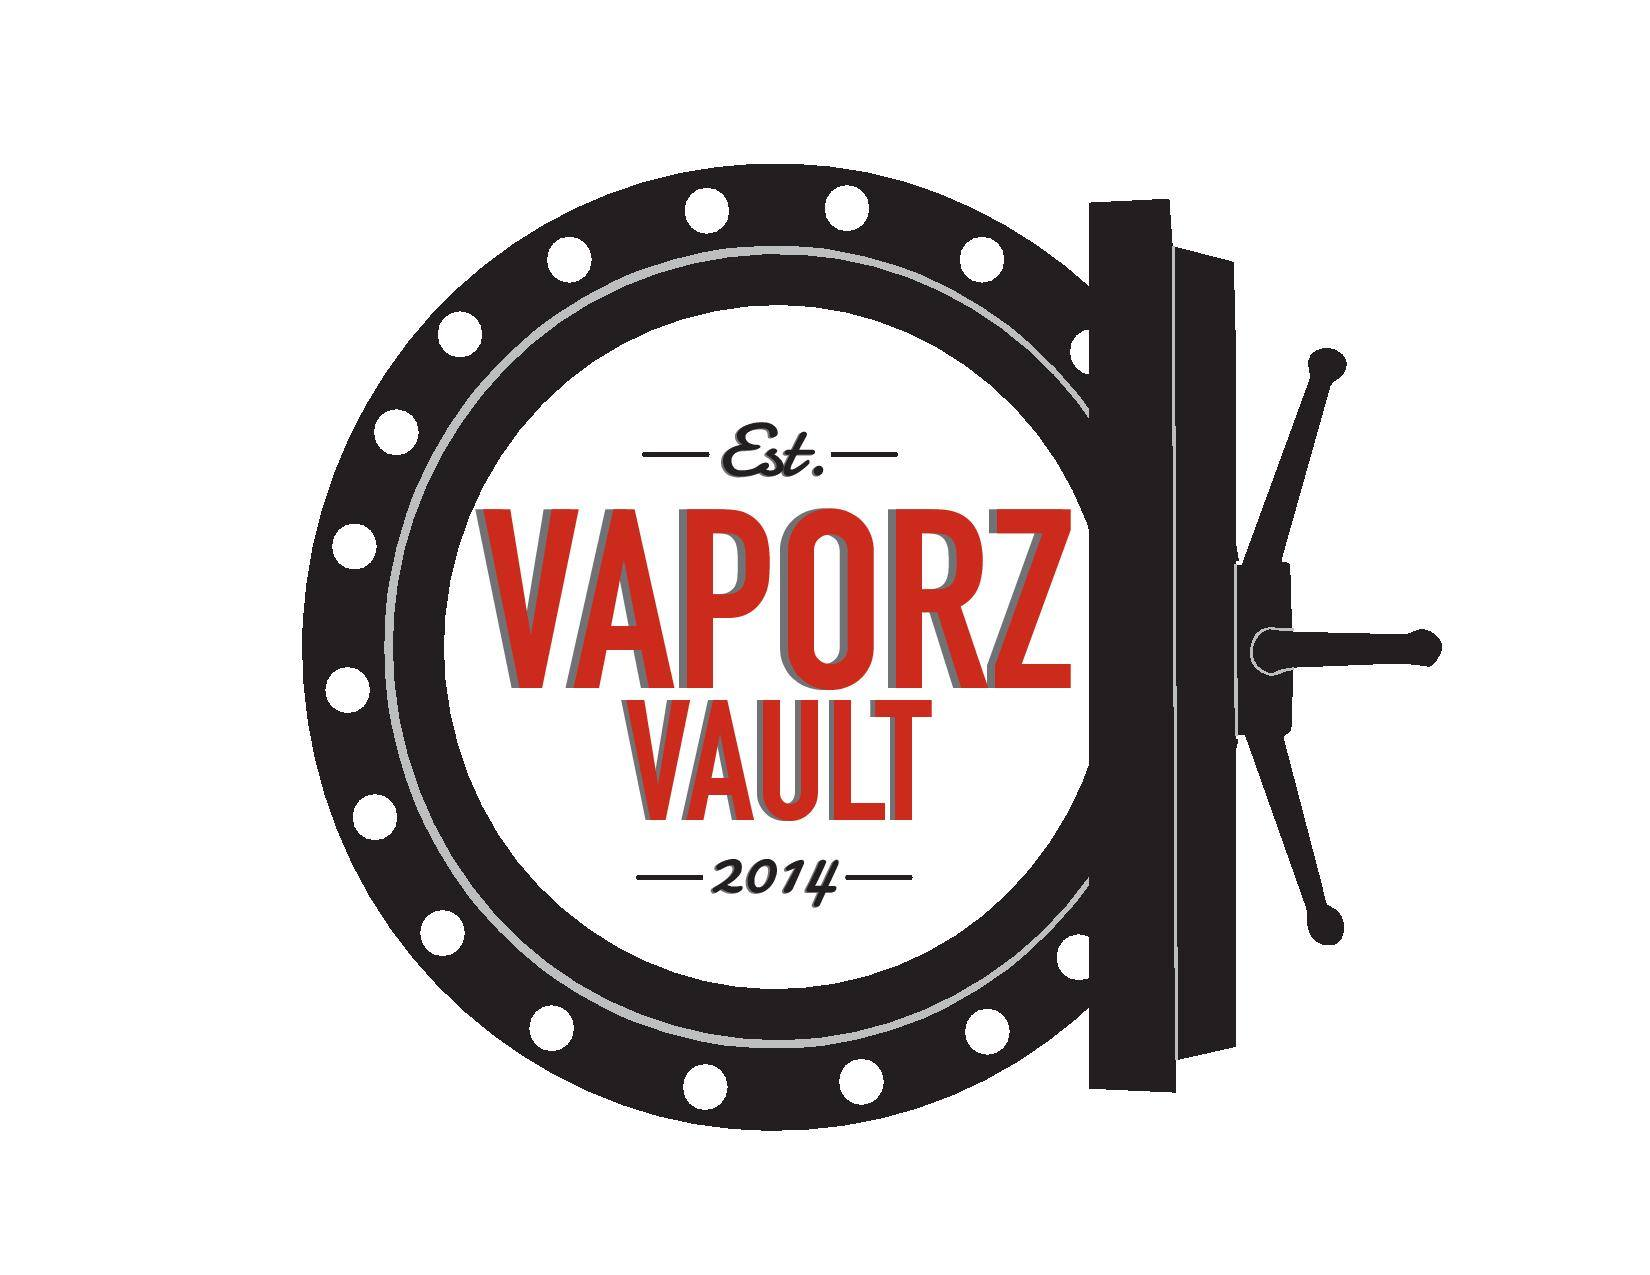 Vaporz Vault